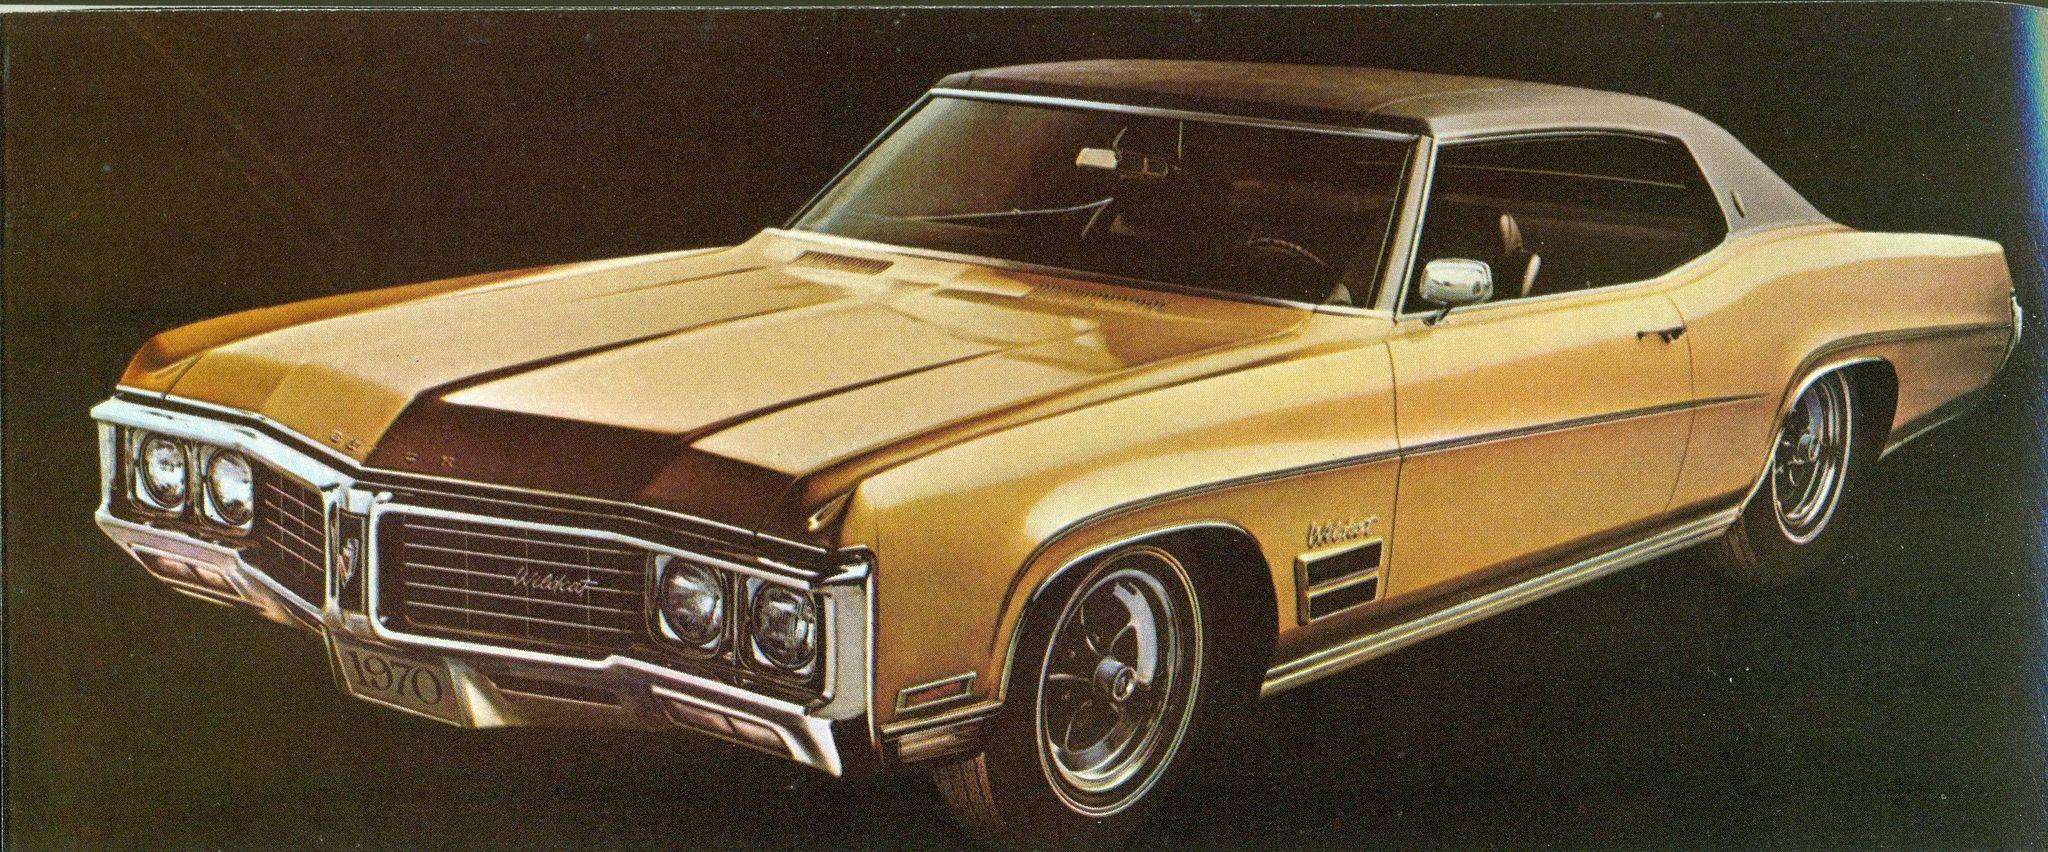 1970 Buick Wildcat Custom 2 Door Hardtop And Cars Https Flickr P Cfatmu